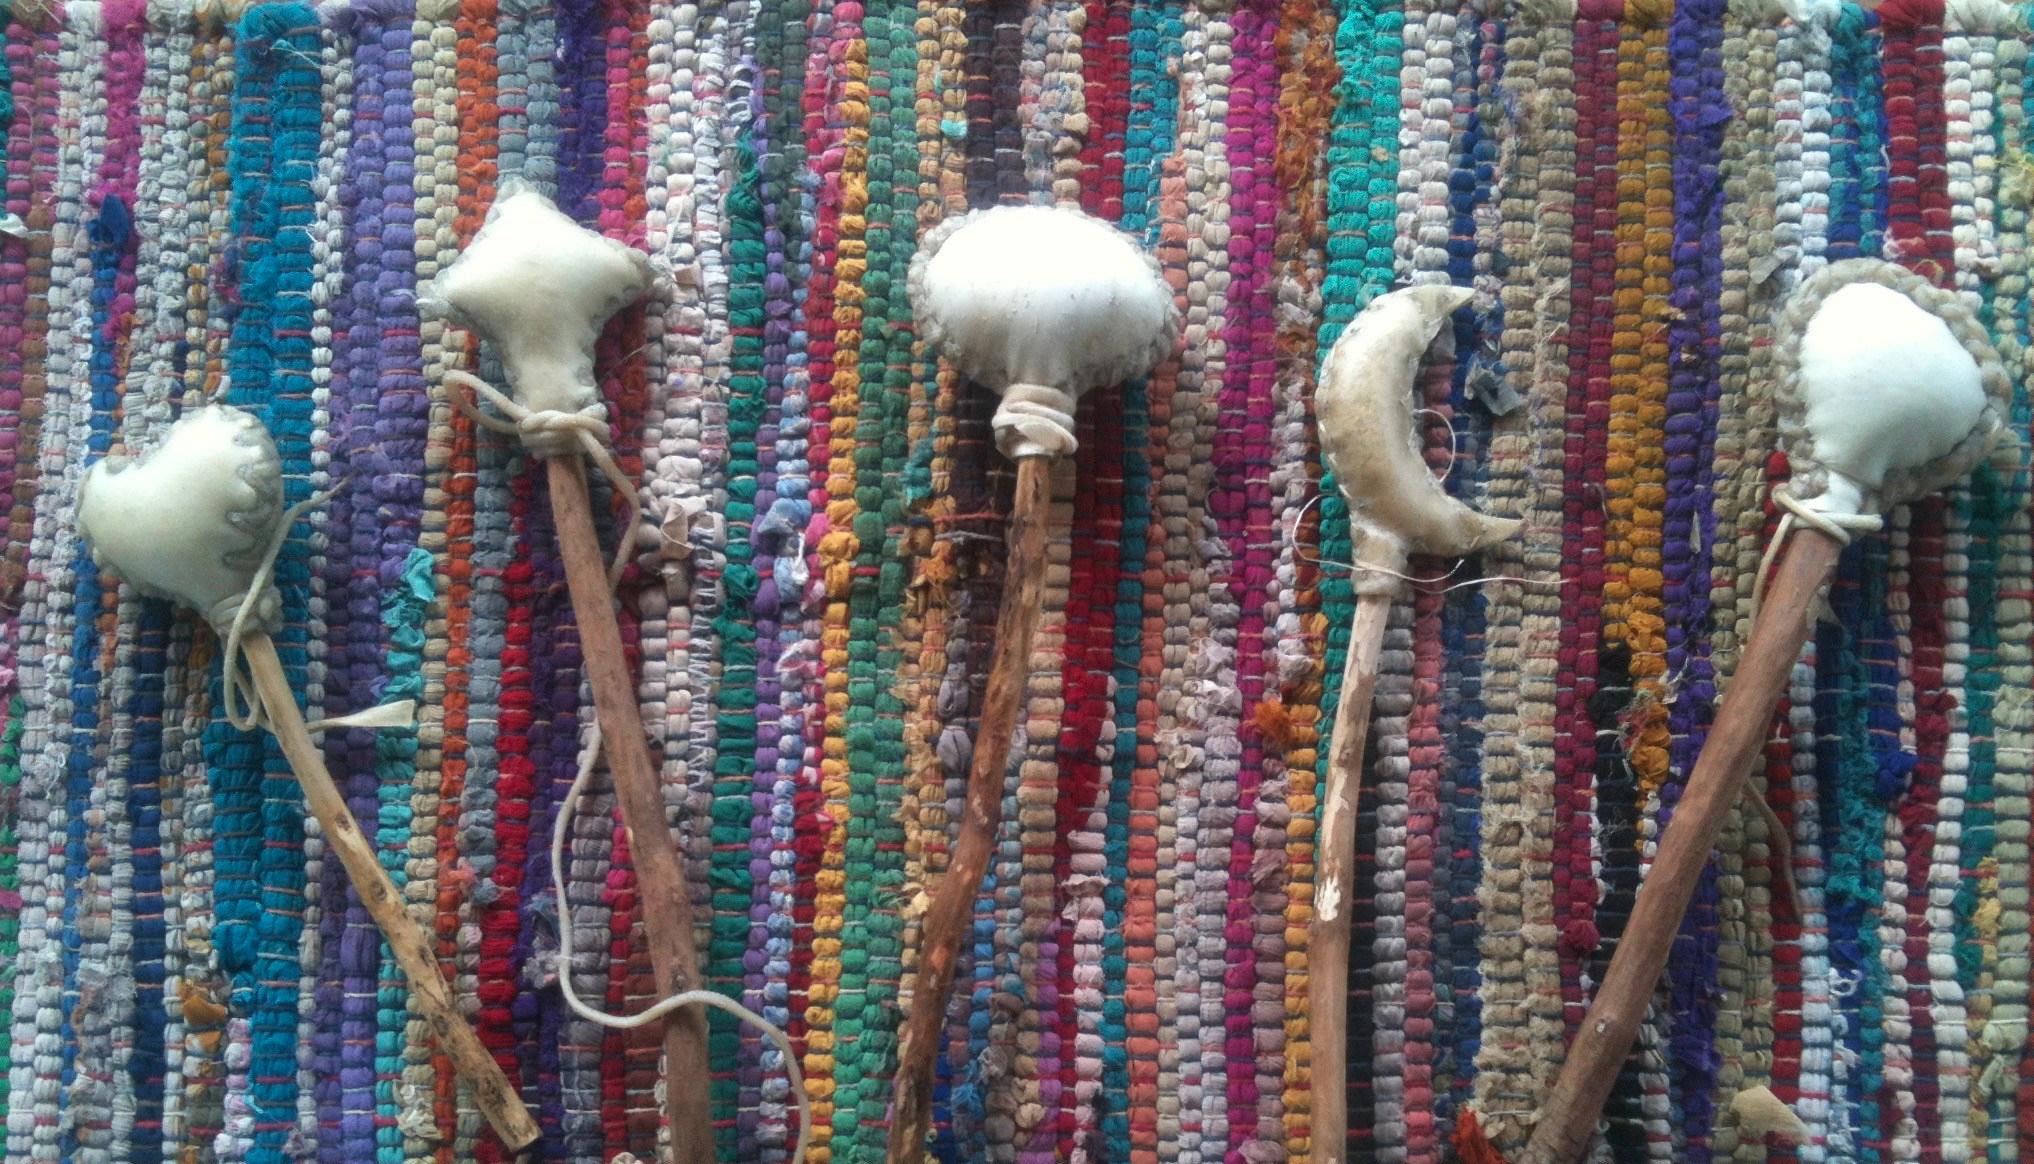 shamanic rattles